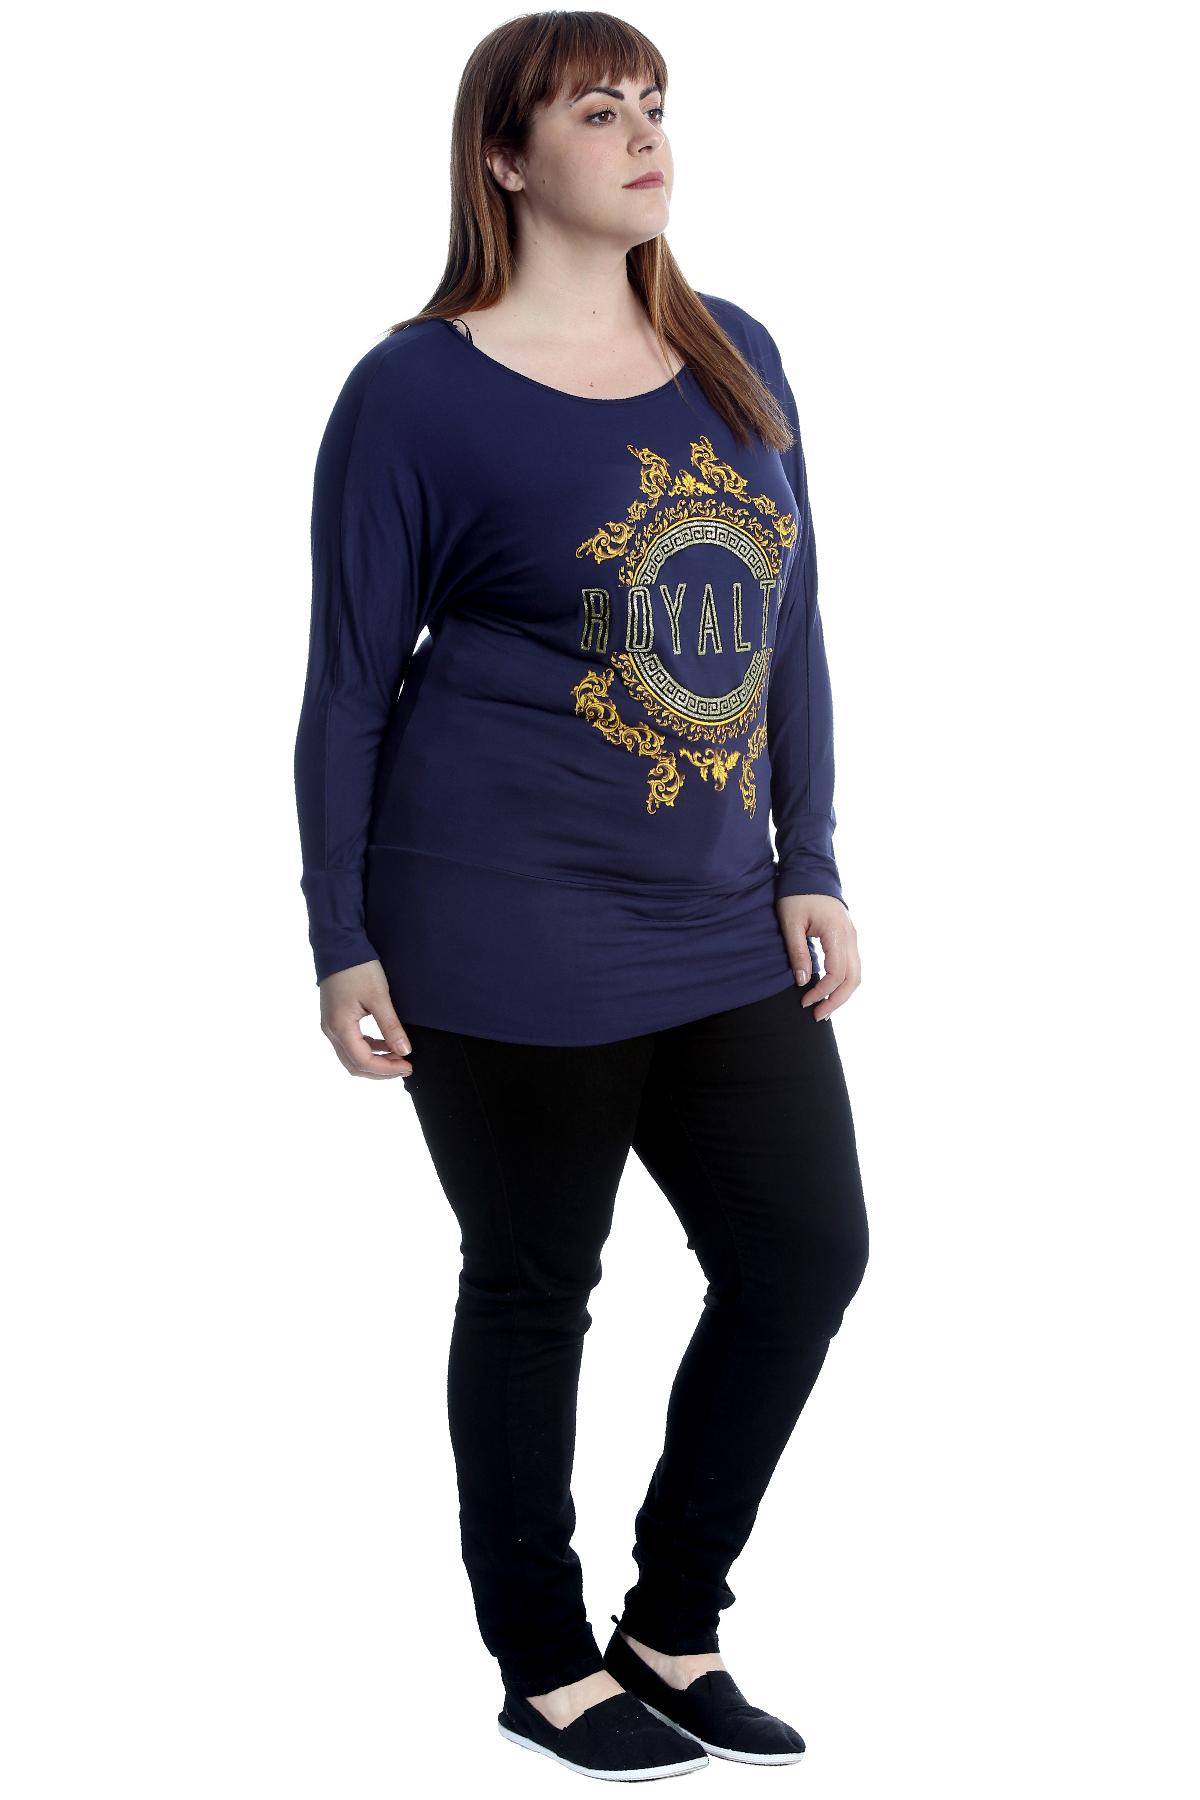 Neue Frauen Übergröße Top Dame Königlich Druck Fledermaus T-Shirt Sale Elastisch